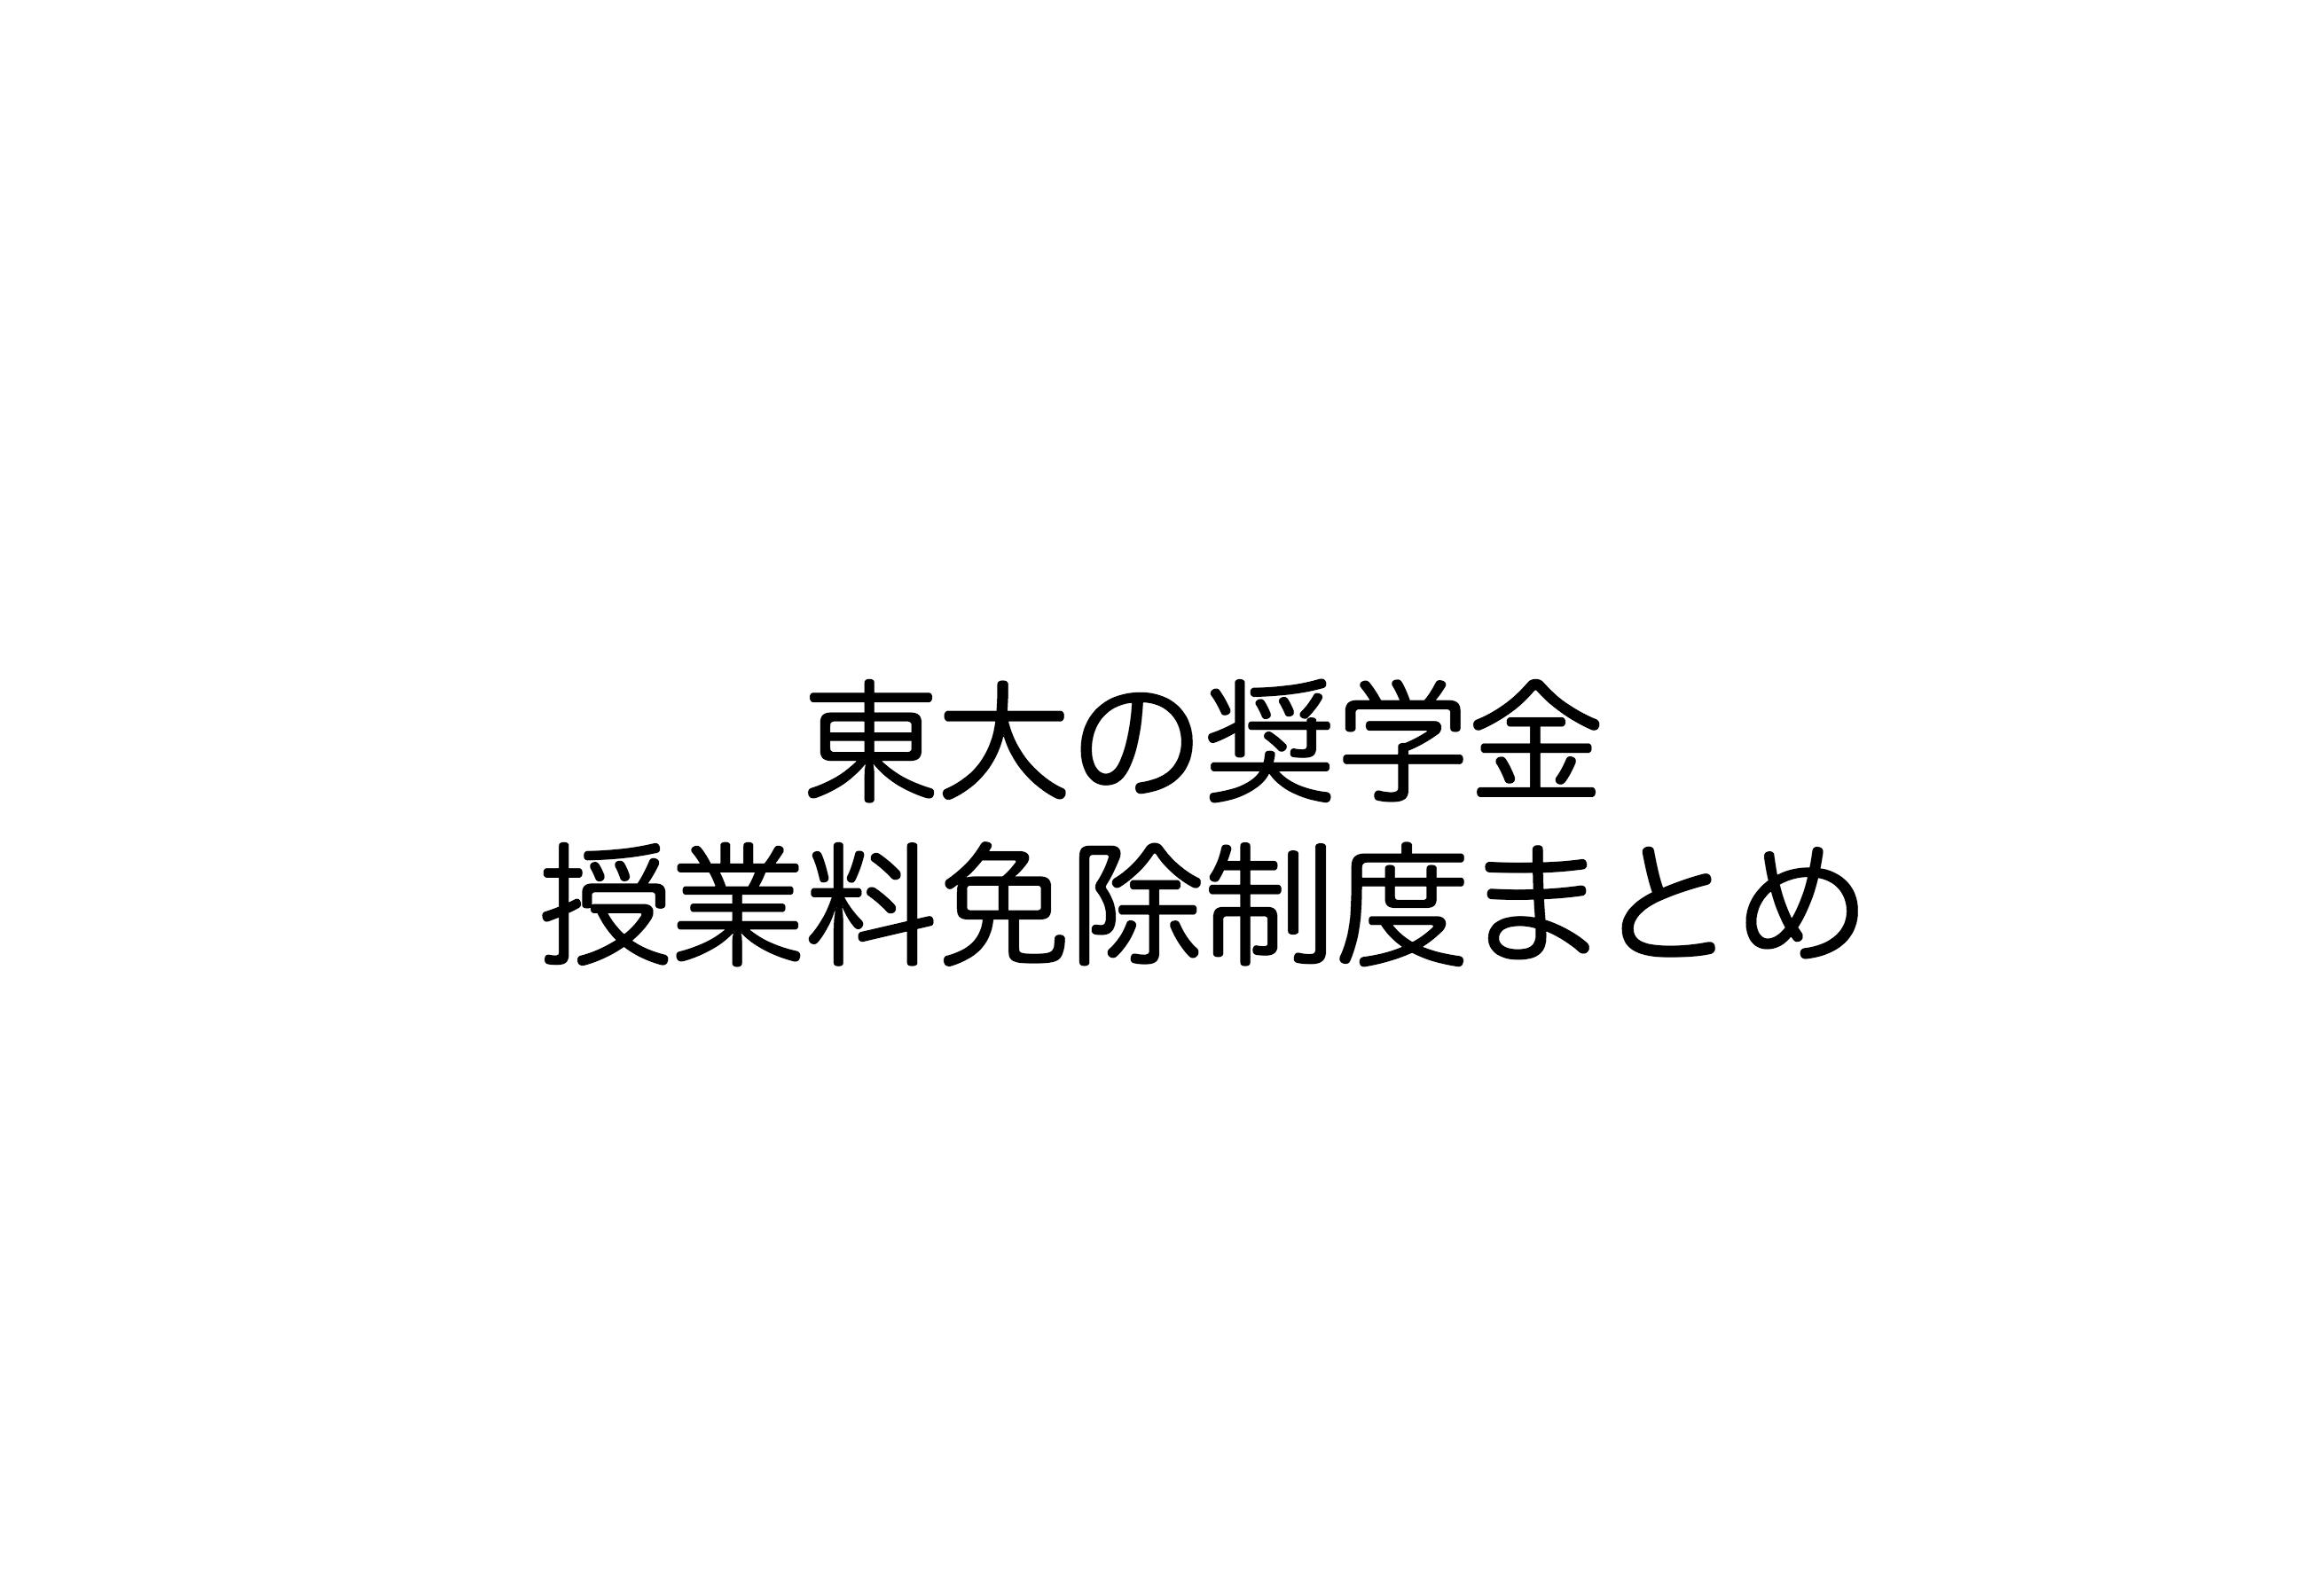 大学 東京 学費 電機